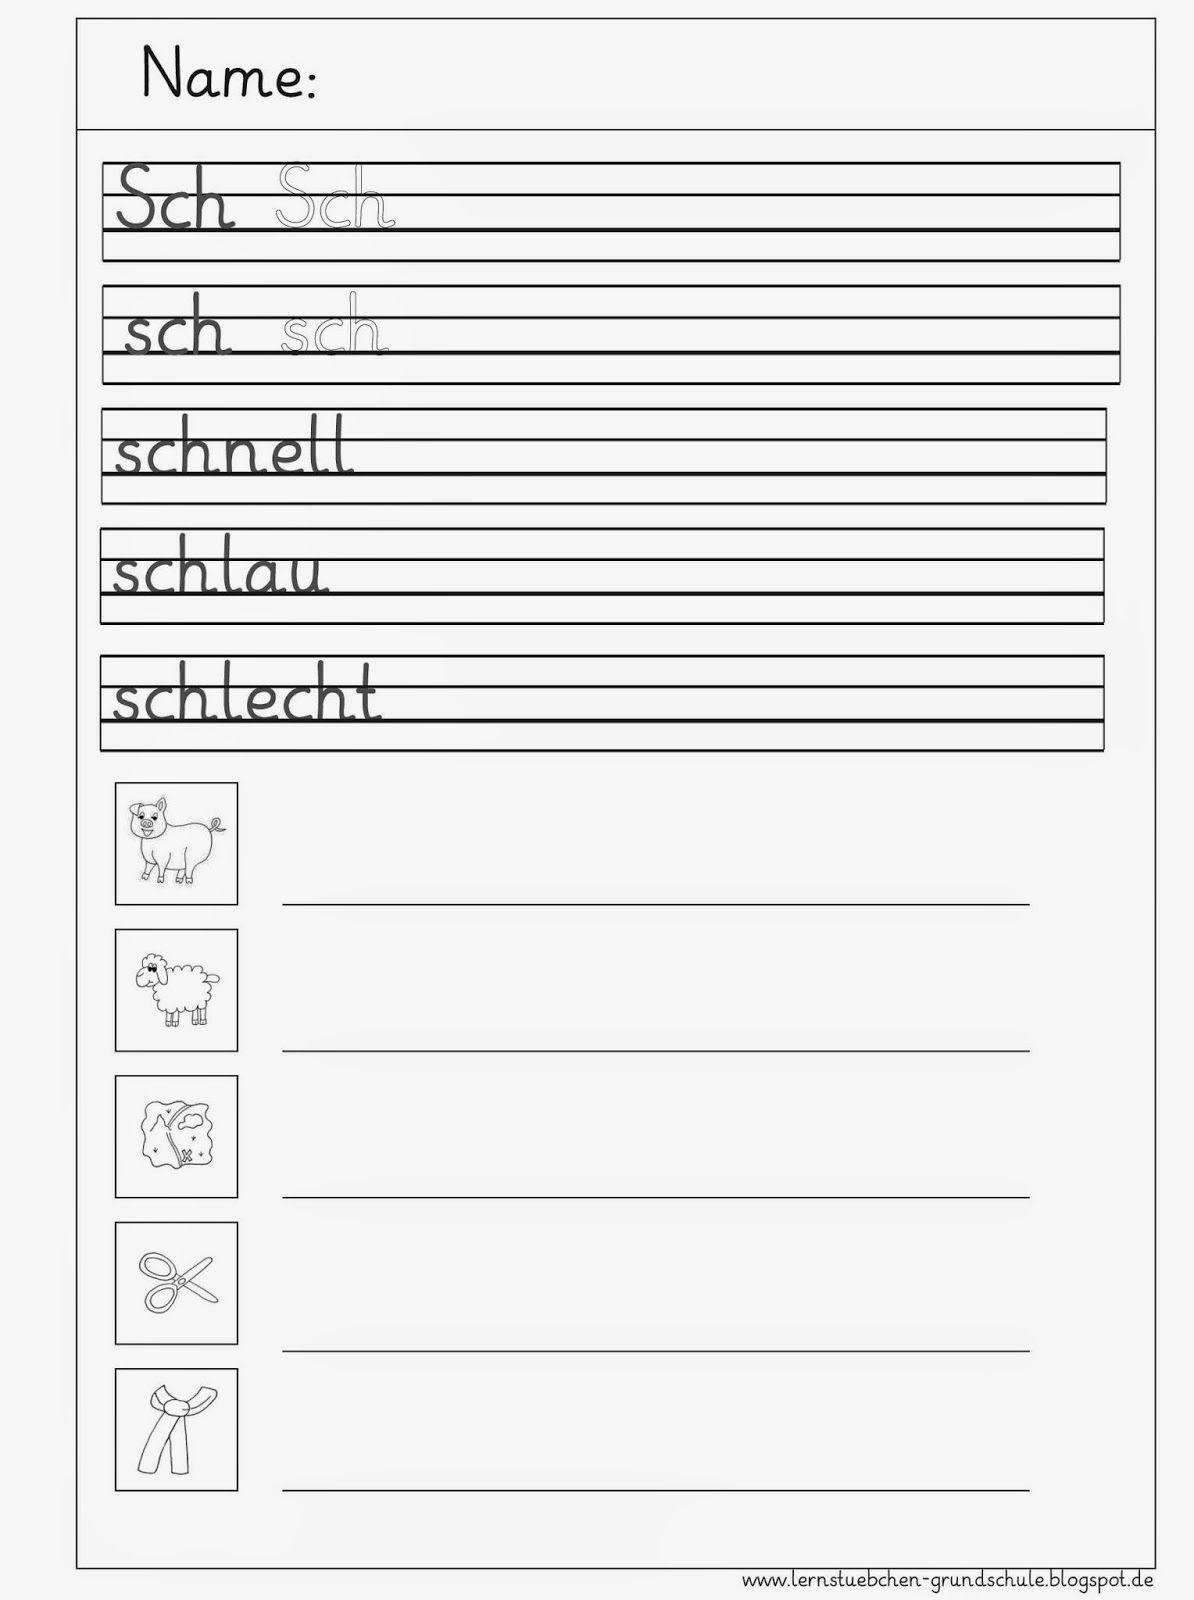 Sch - Sch Schreibblätter (Mit Bildern) | Lesen Lernen ganzes Grundschrift Arbeitsblätter